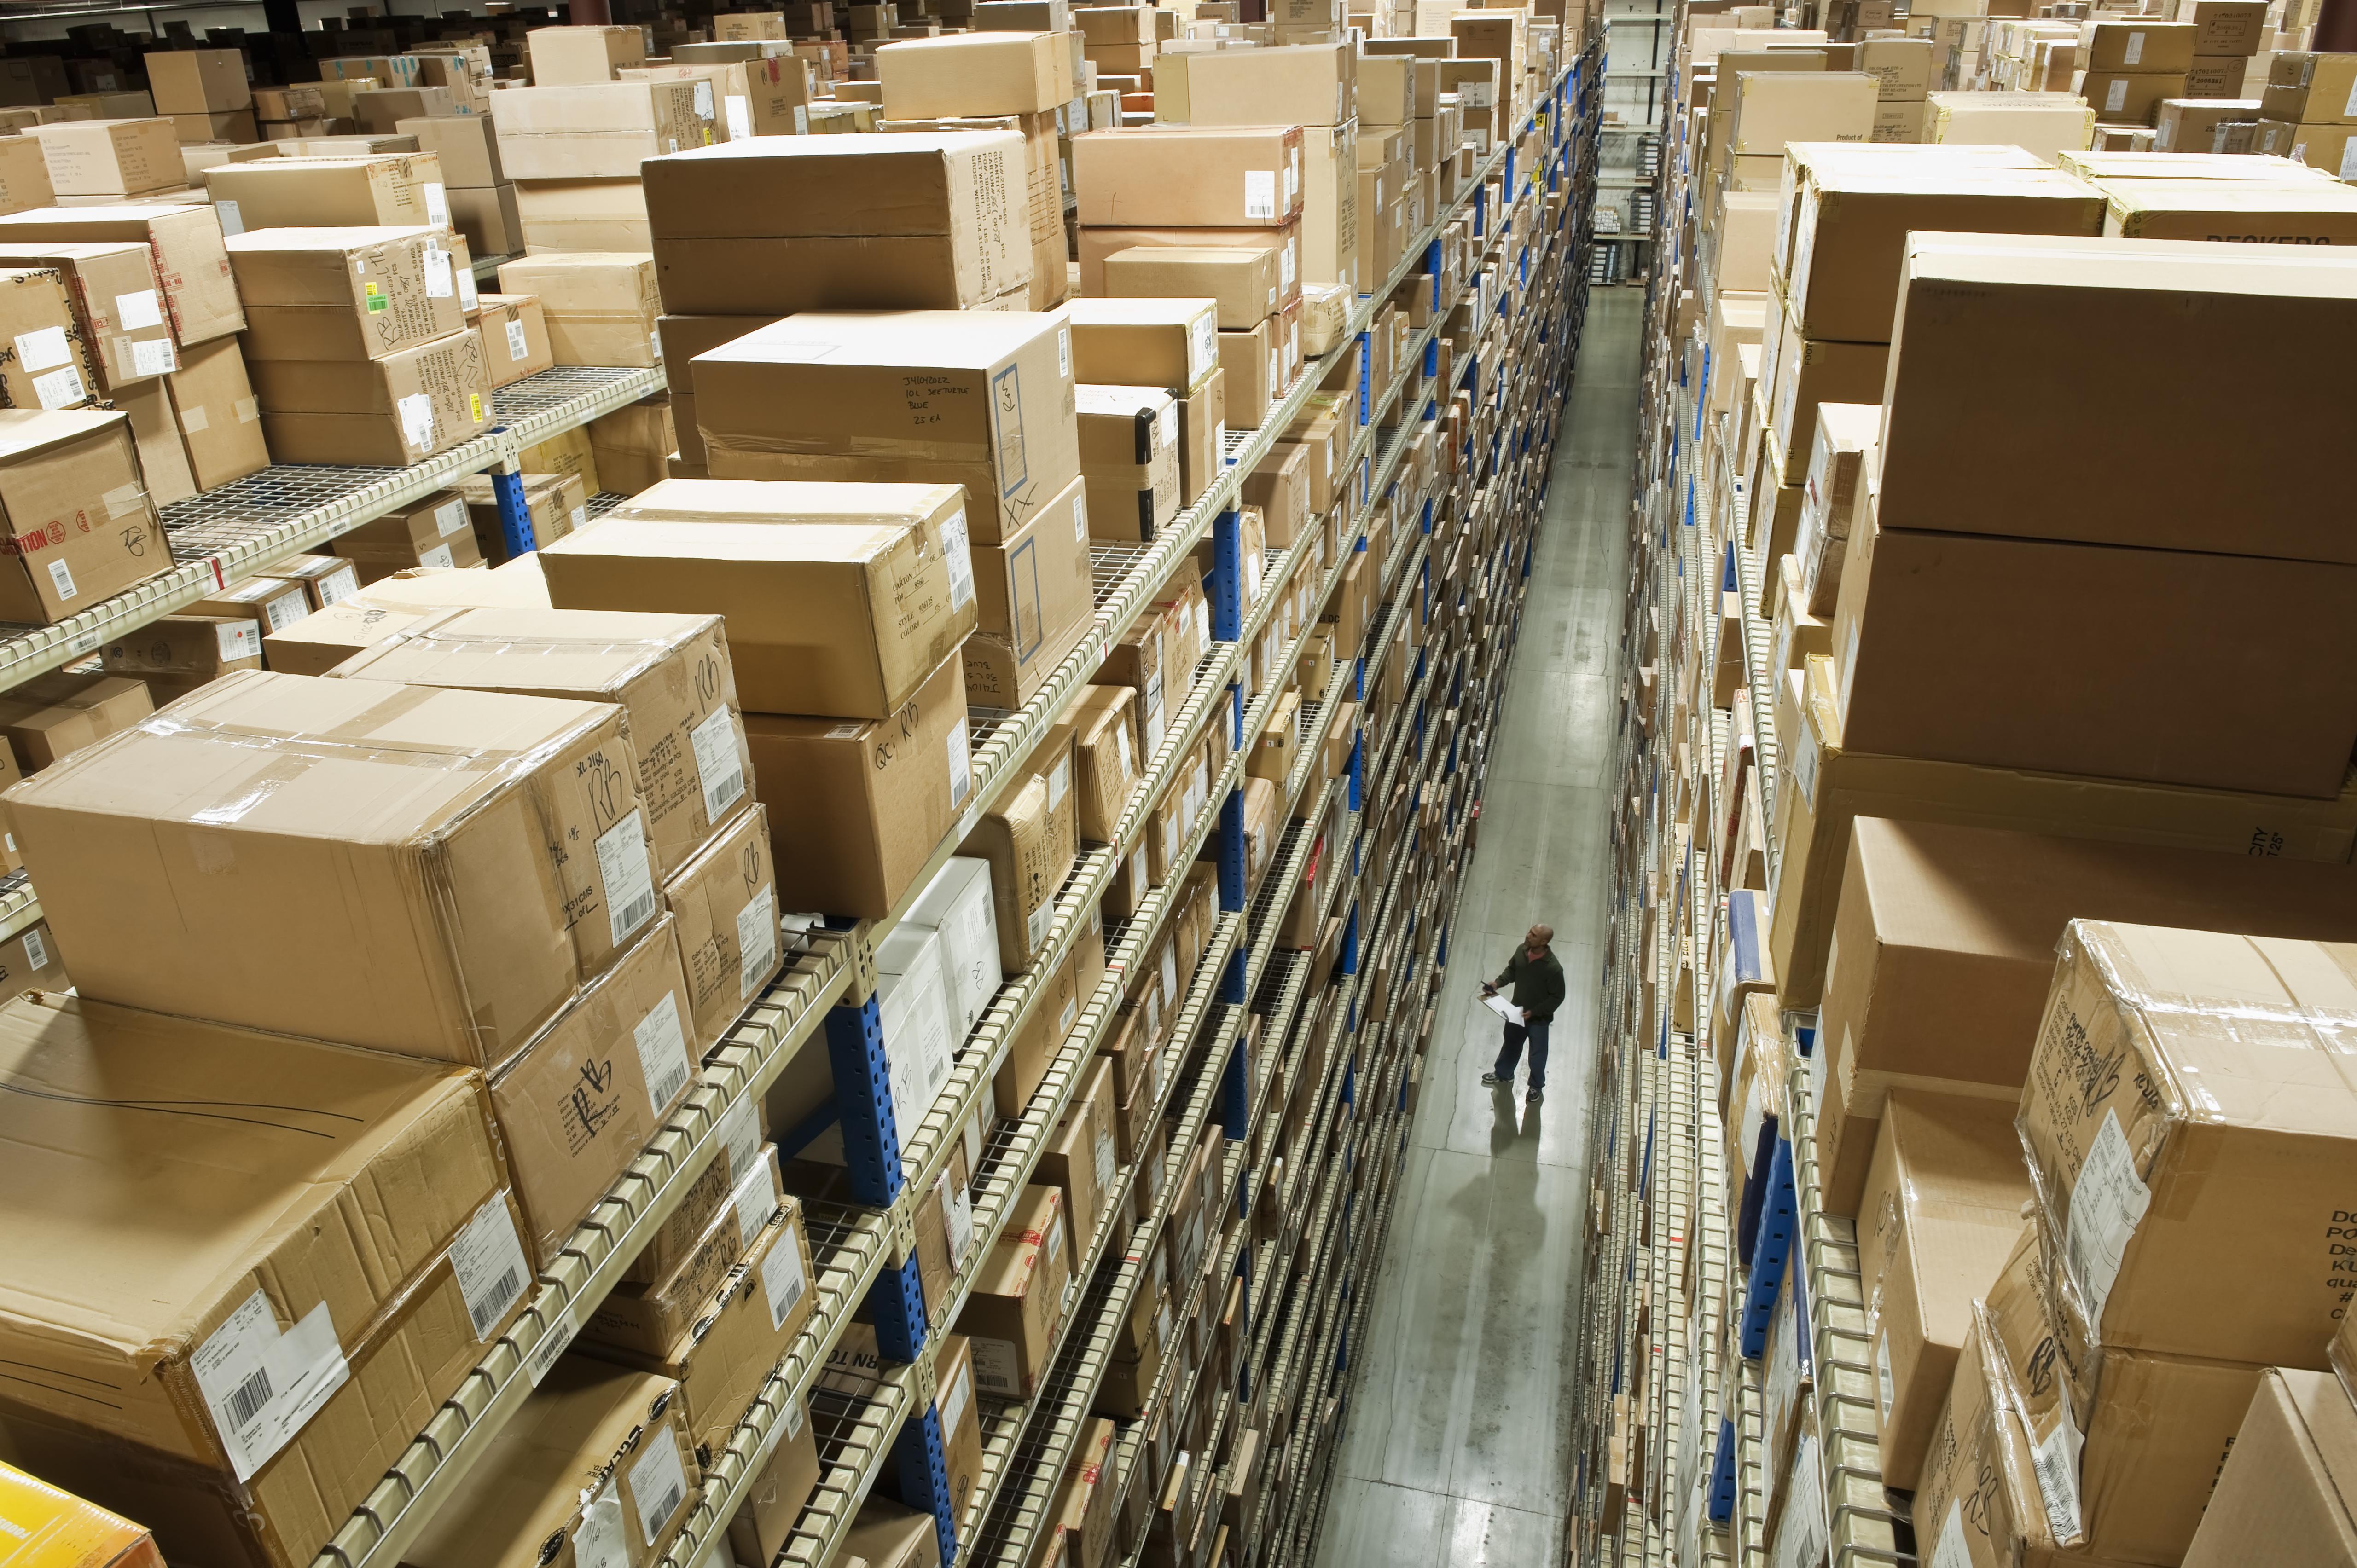 India's Locus raises $22 million to expand its logistics